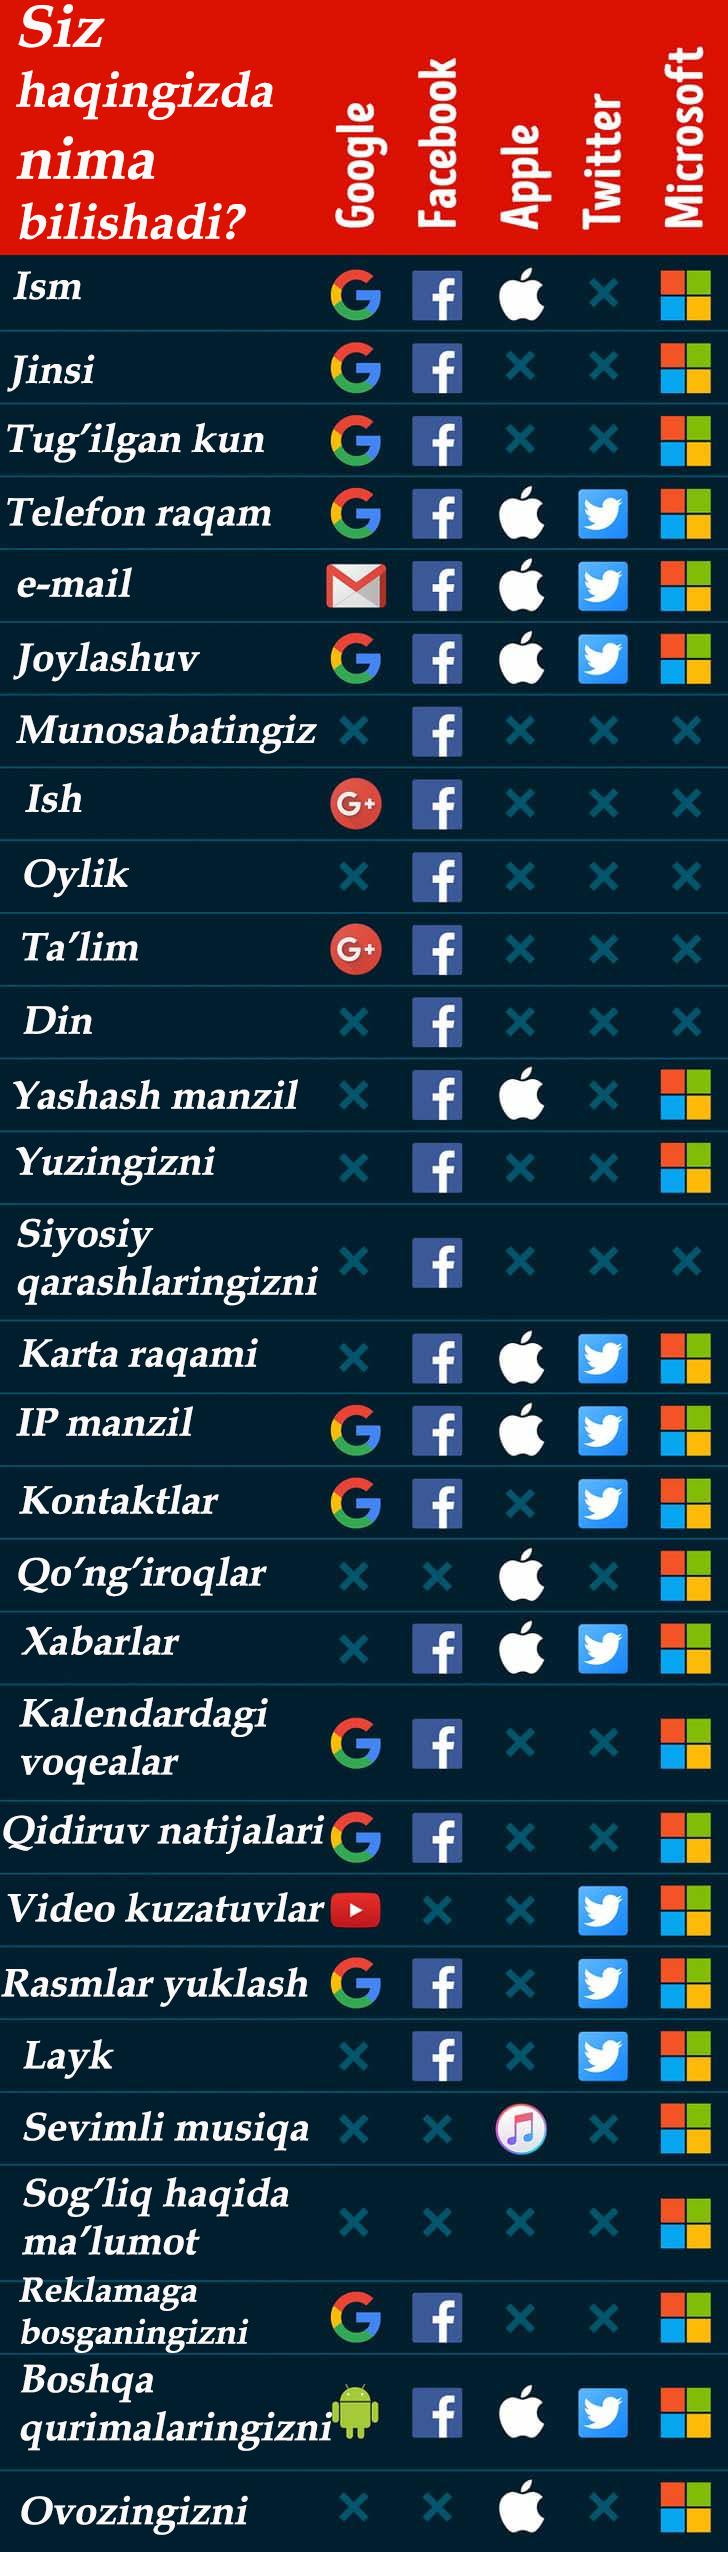 Google, Facebook va Apple siz haqingizda nima biladi?